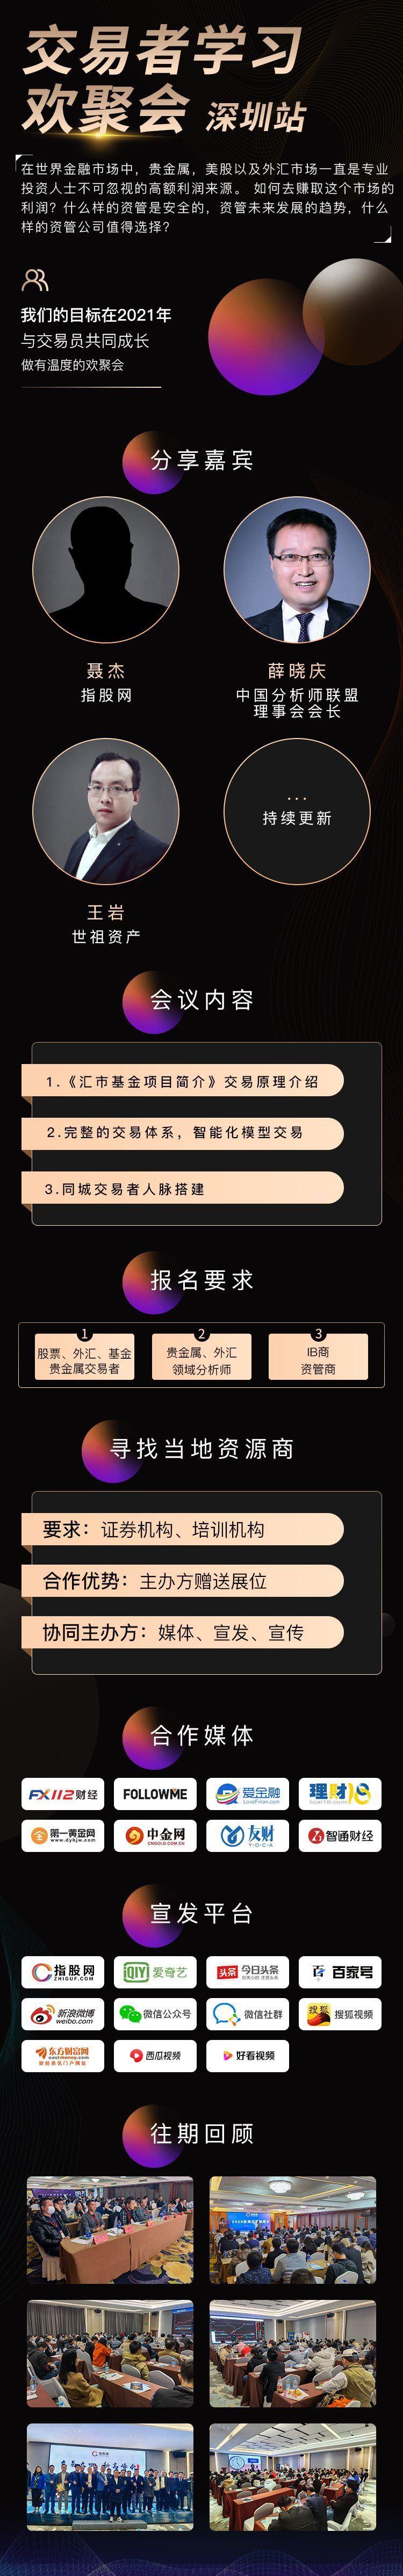 交易者学习会-深圳.png